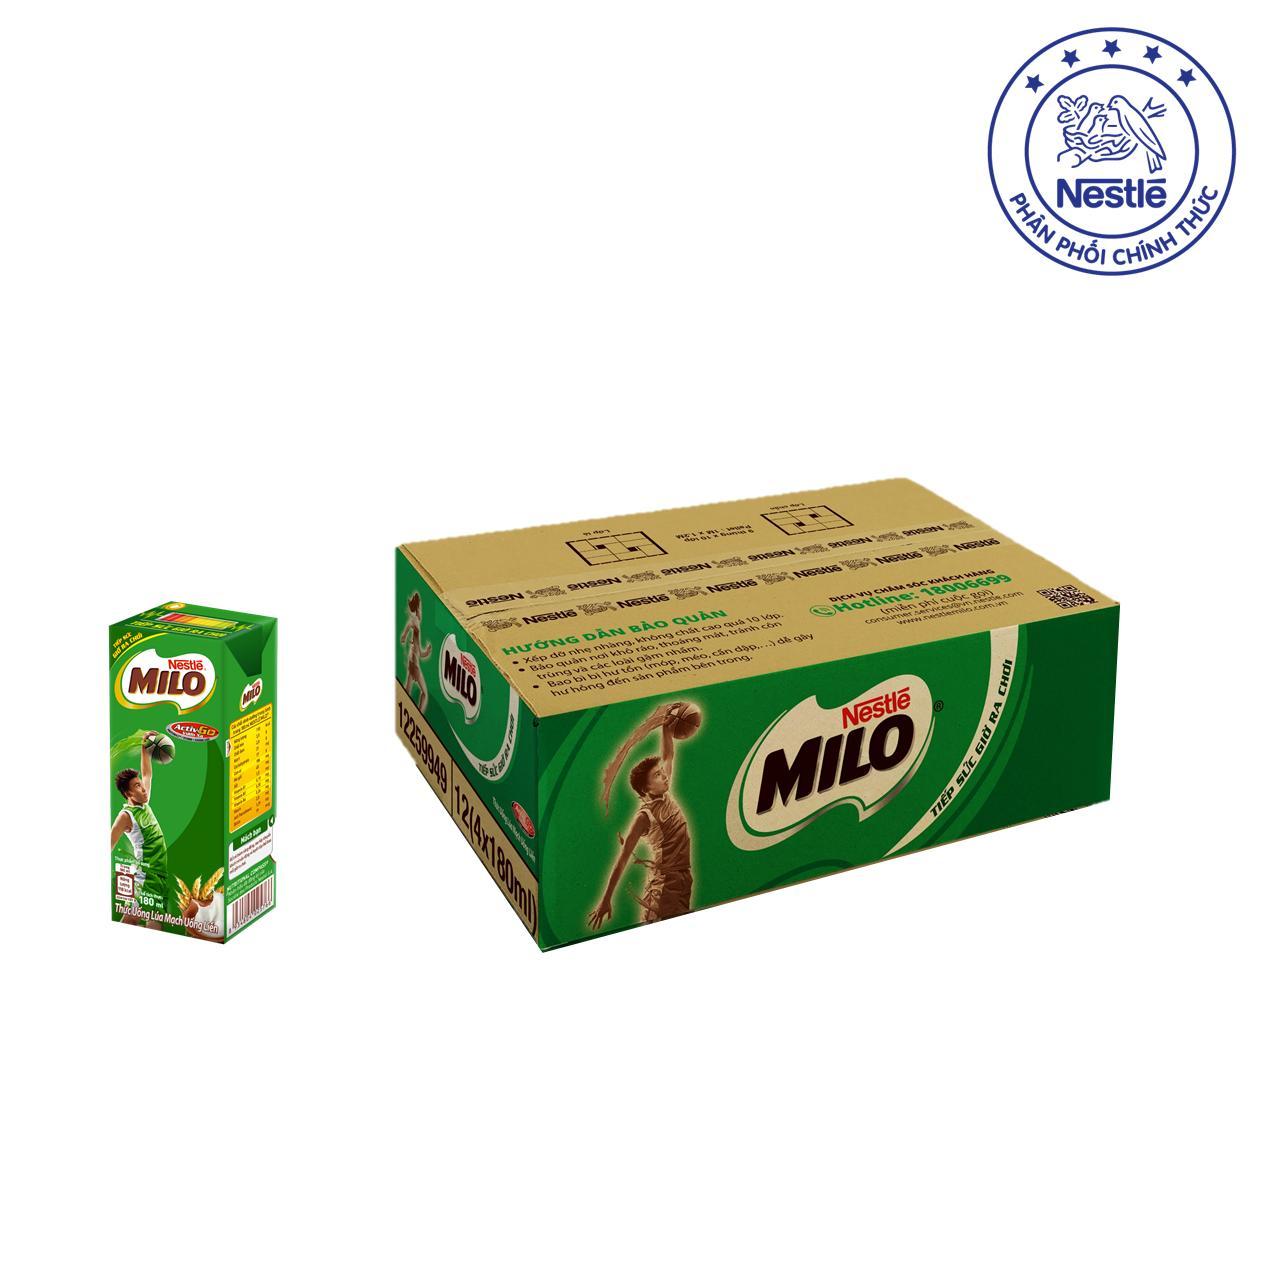 Hình ảnh Thùng 12 lốc Nestlé MILO Uống Liền (48 hộp x 180ml)